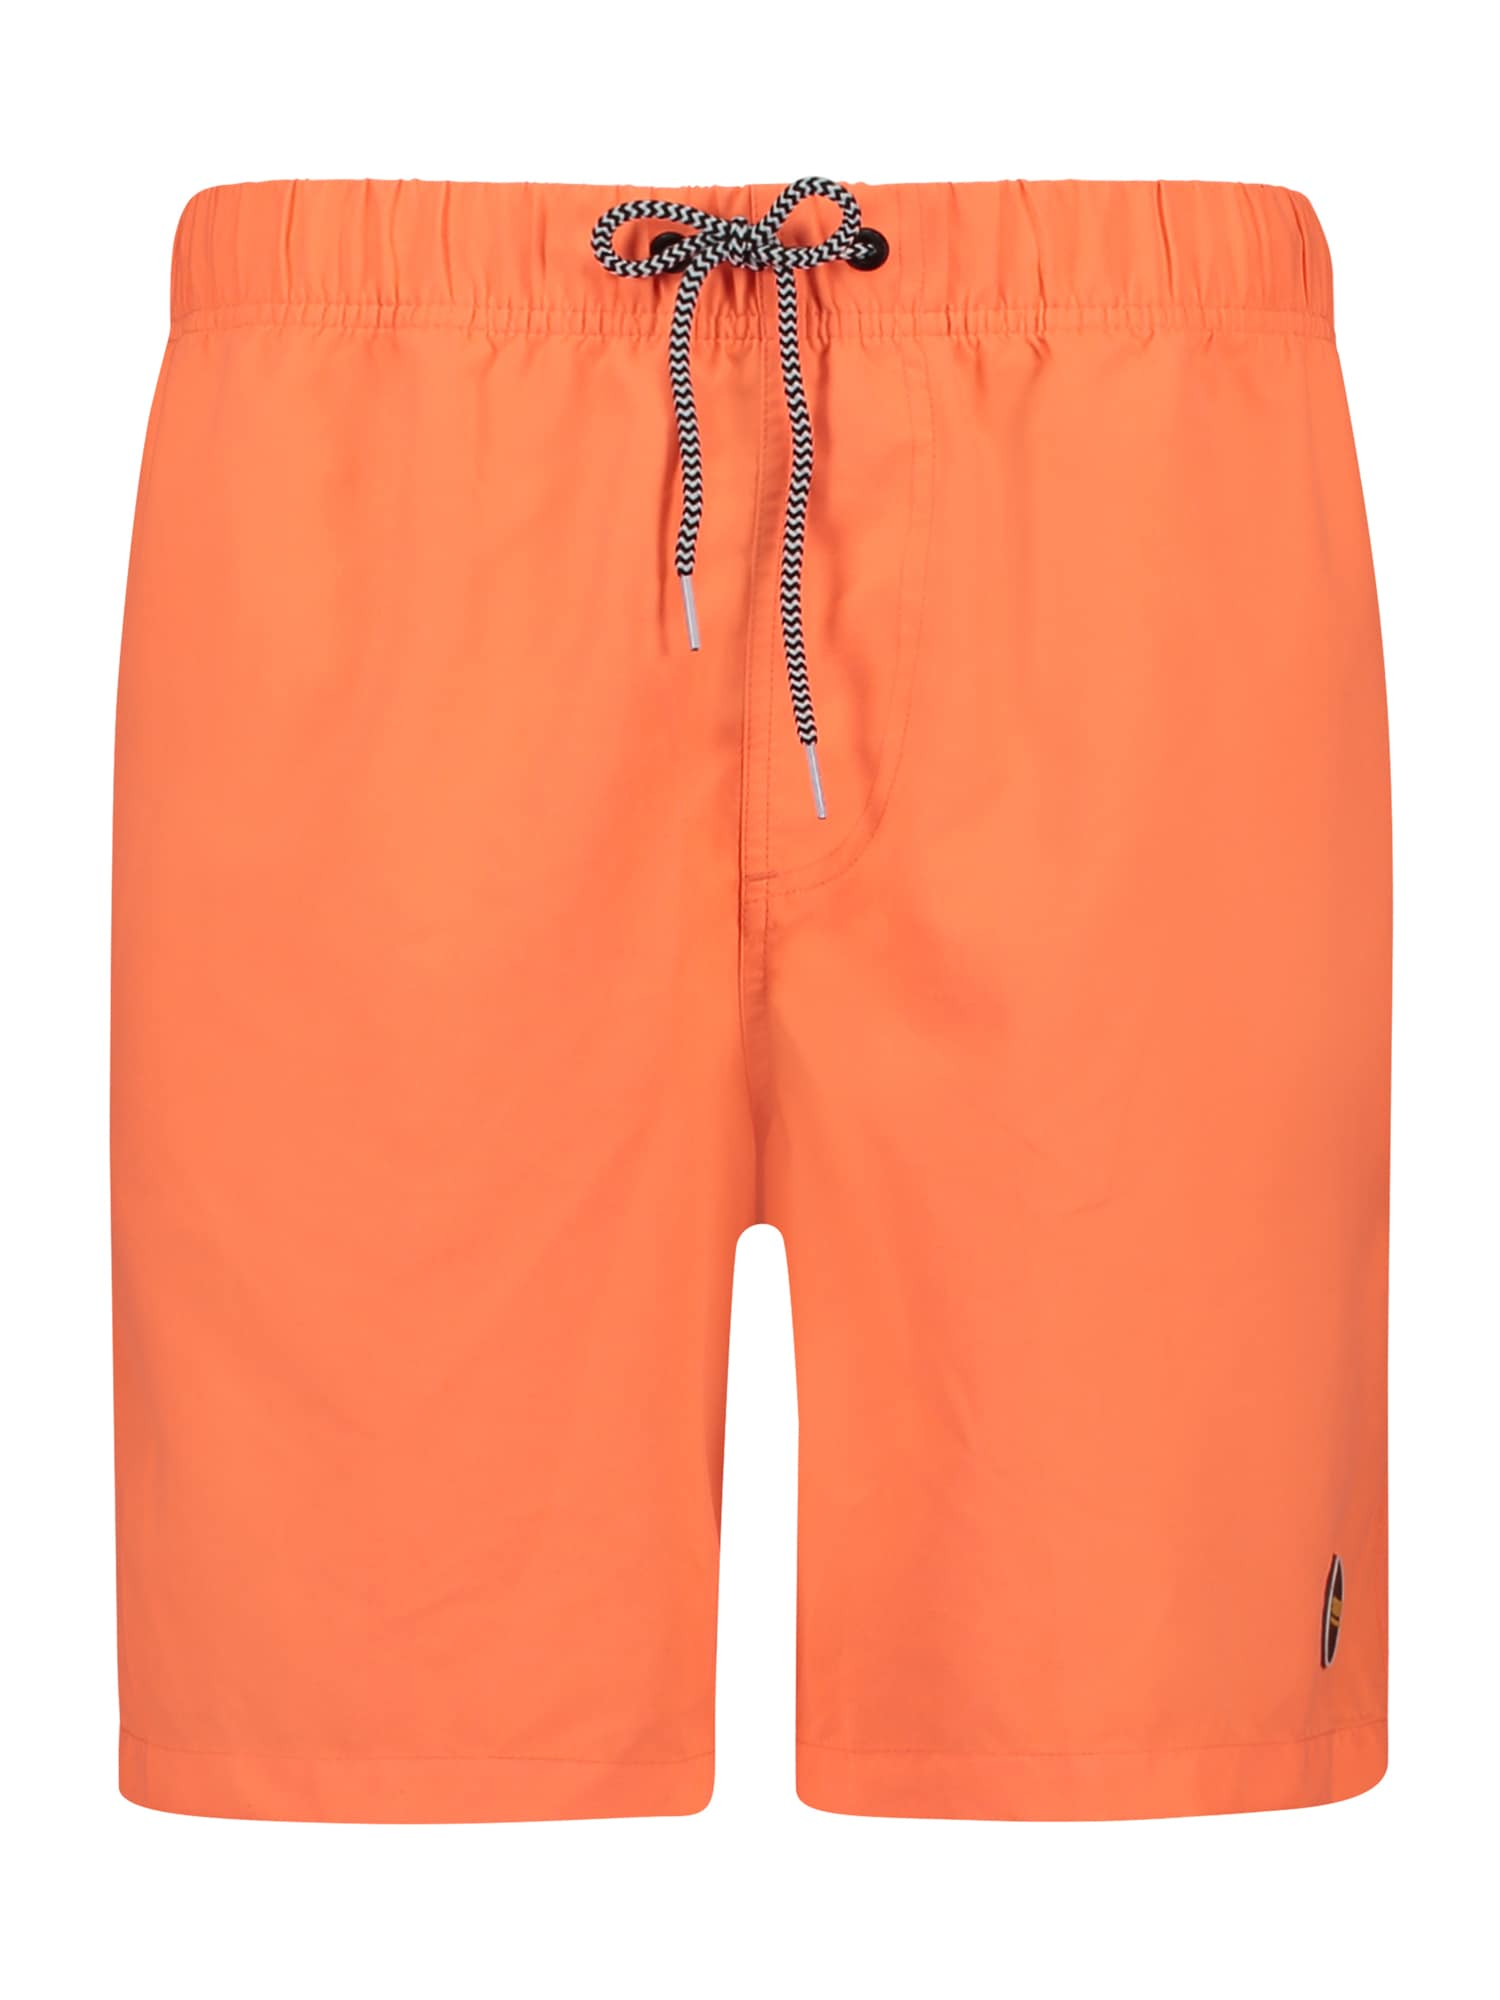 Shiwi Plavky 'Solid mike'  oranžová